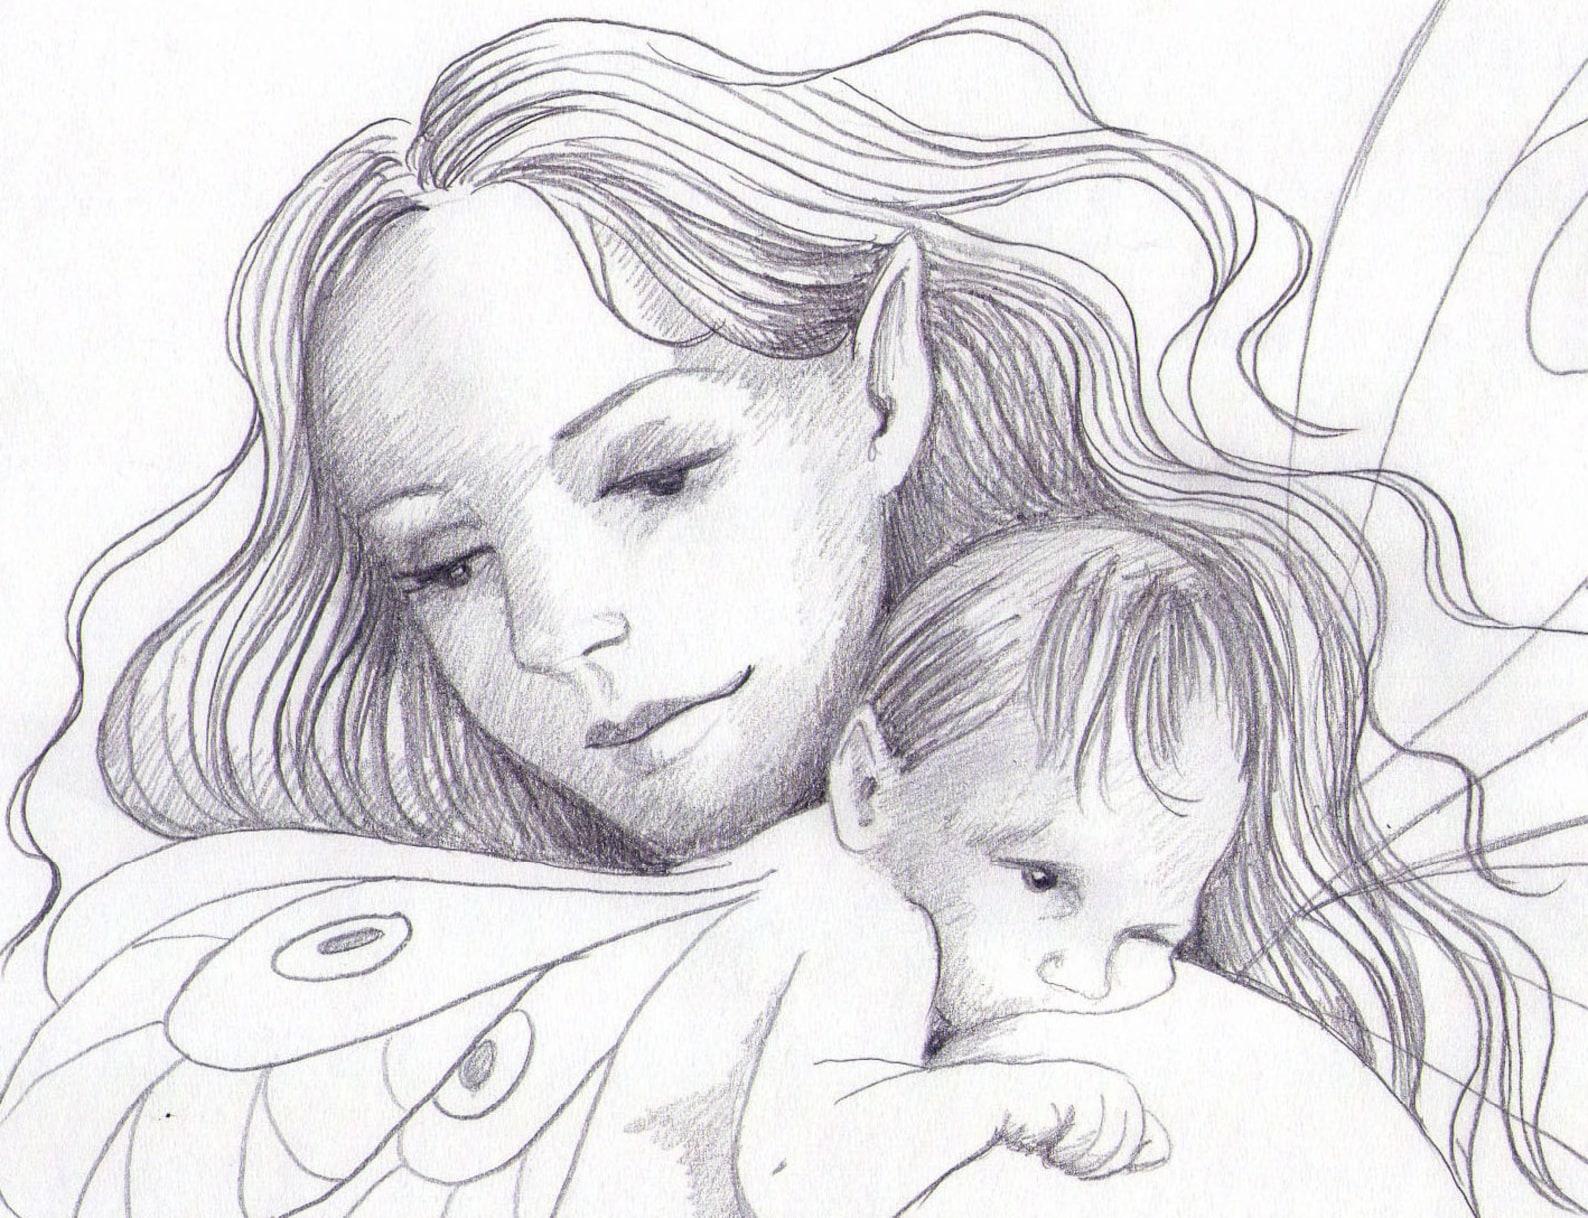 Раннего, картинки карандашом для мамы